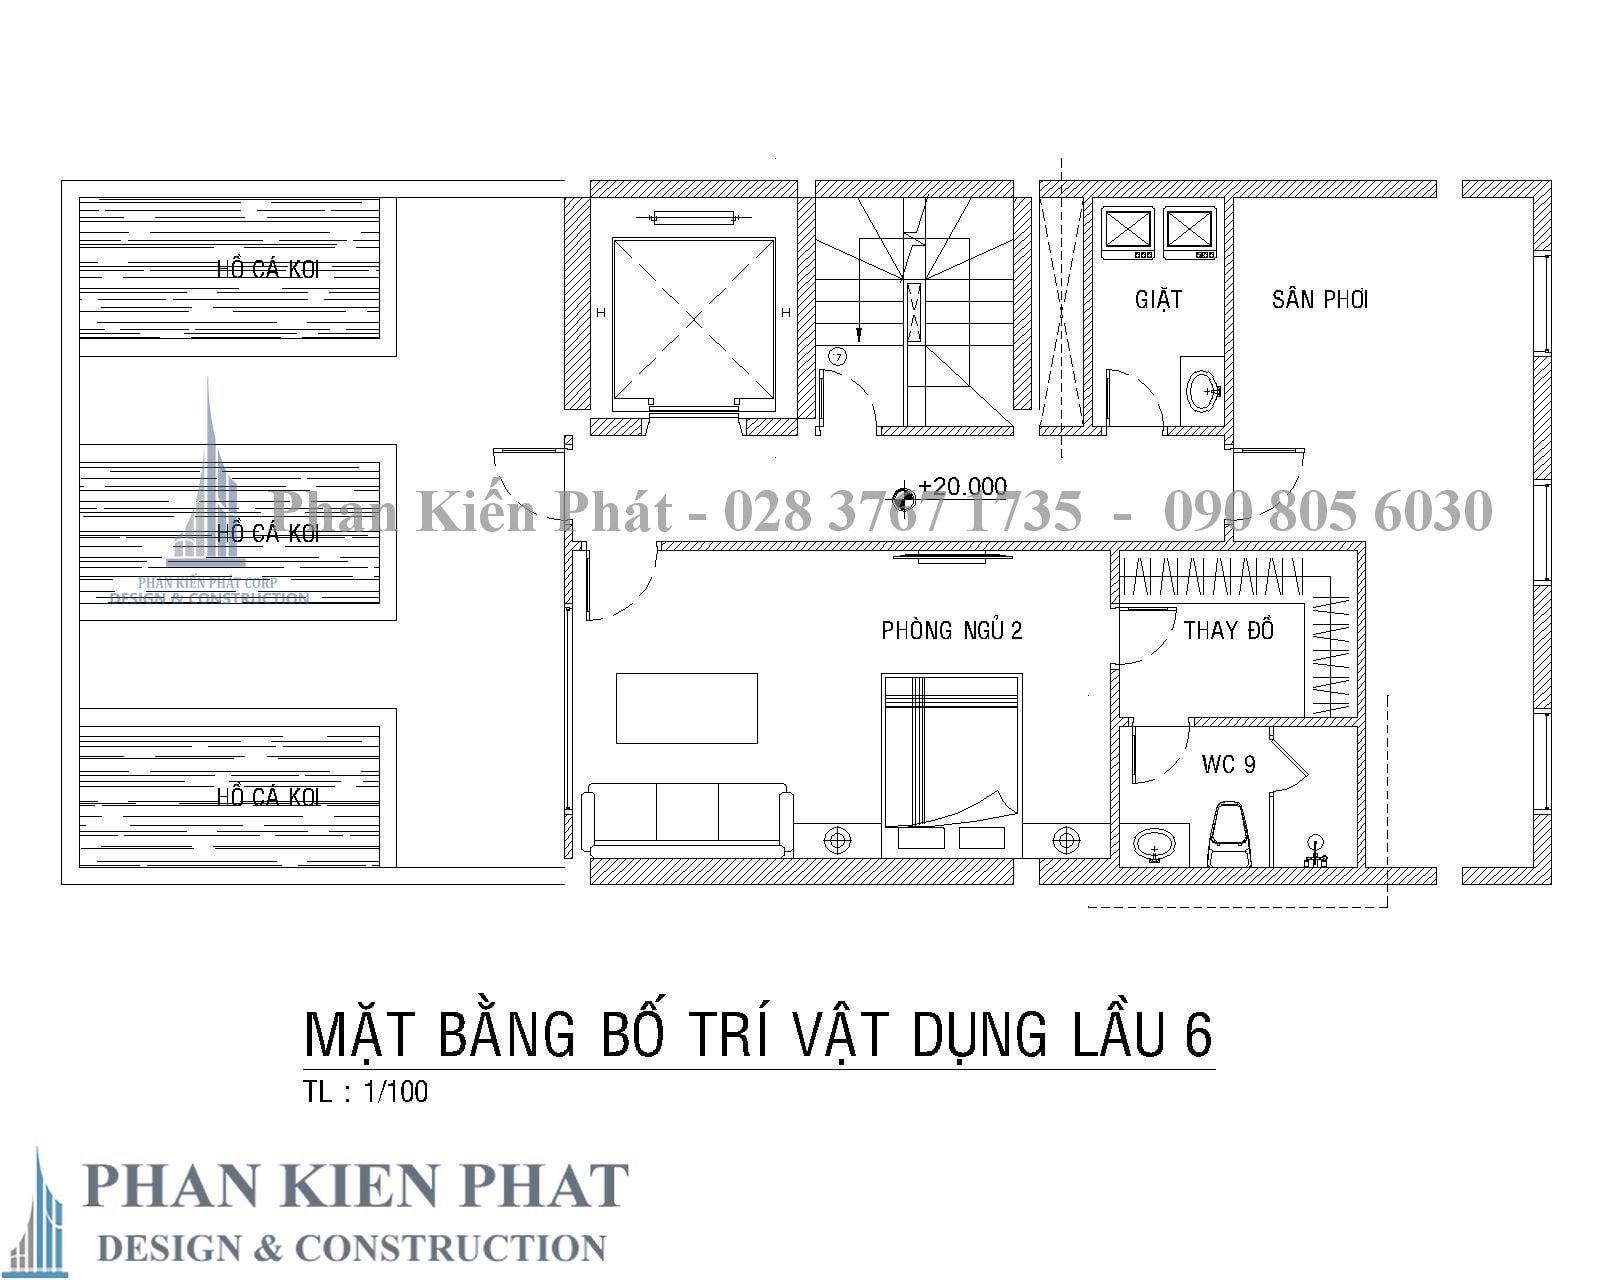 Mat Bang Bo Tri Vat Dung Lau 6 - biệt thự cổ điển kết hợp kinh doanh Quan 2